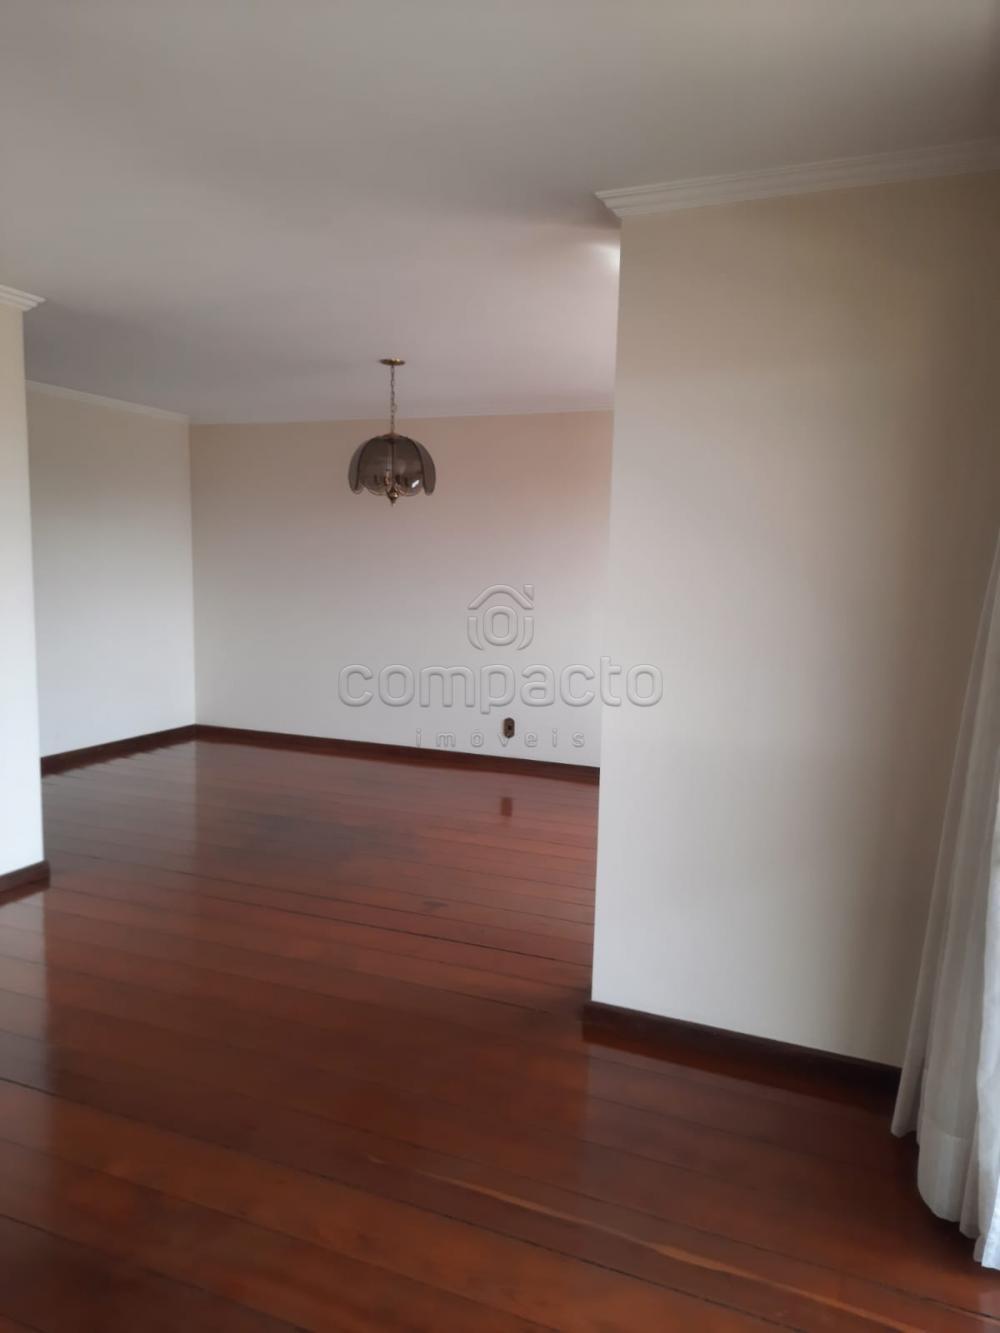 Alugar Apartamento / Padrão em São José do Rio Preto R$ 2.000,00 - Foto 4